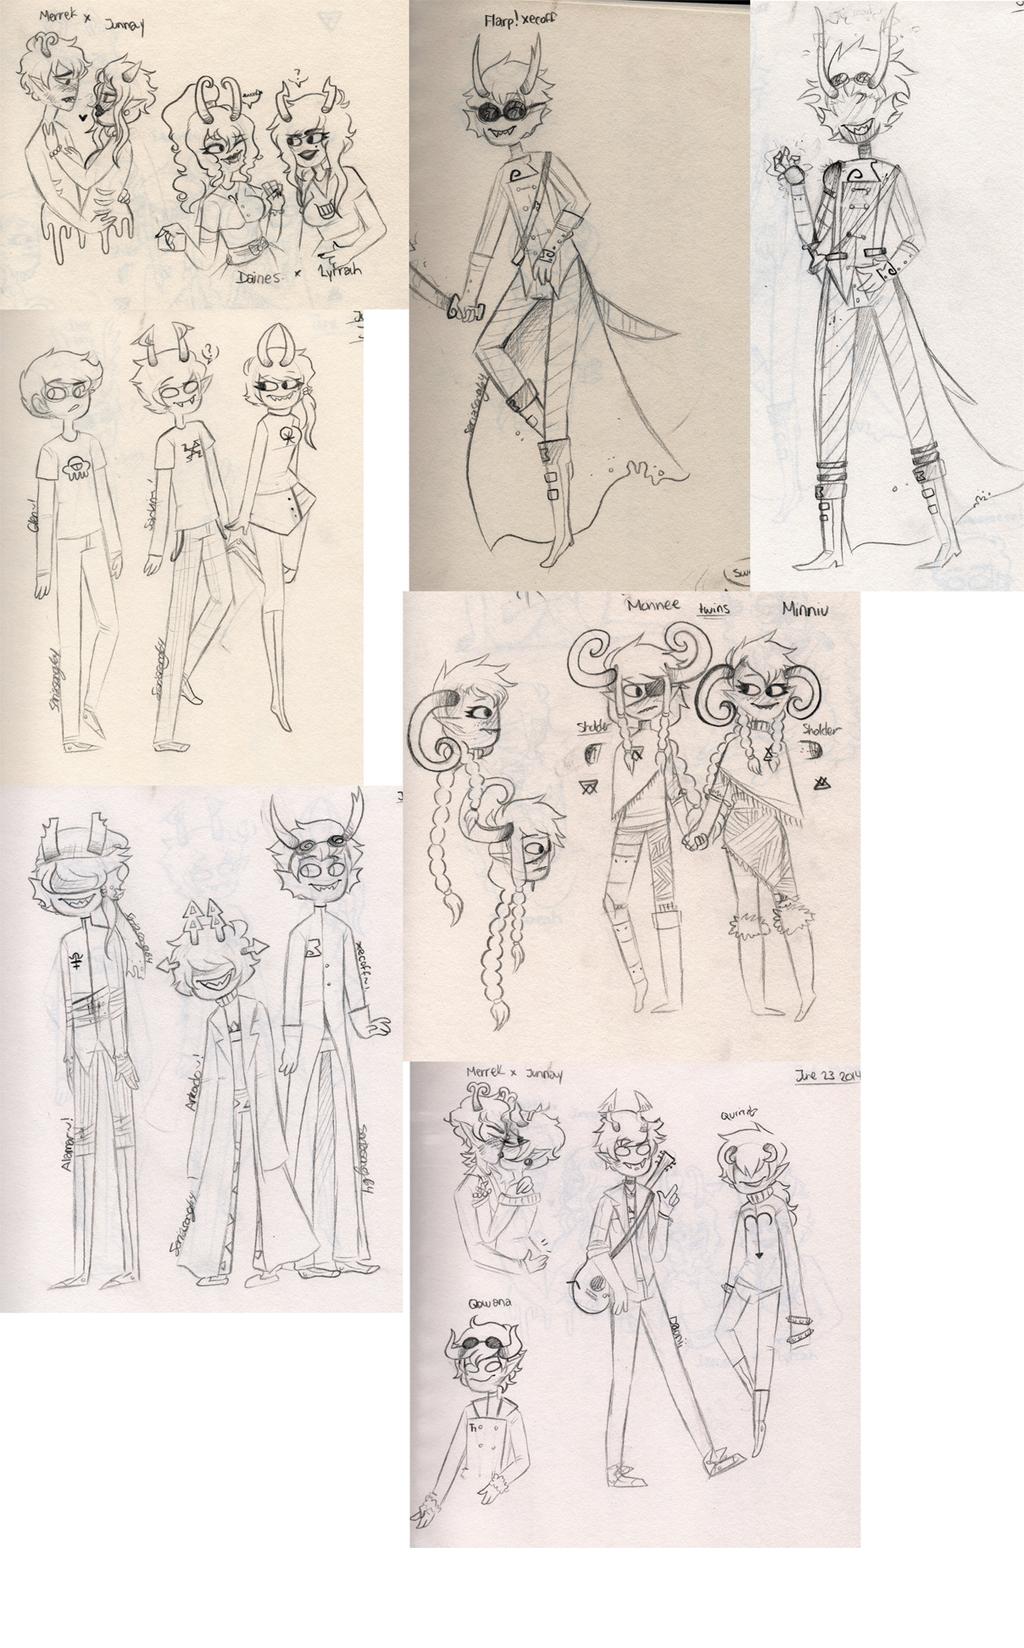 Sketchbook Dump WOOp by sariasong64